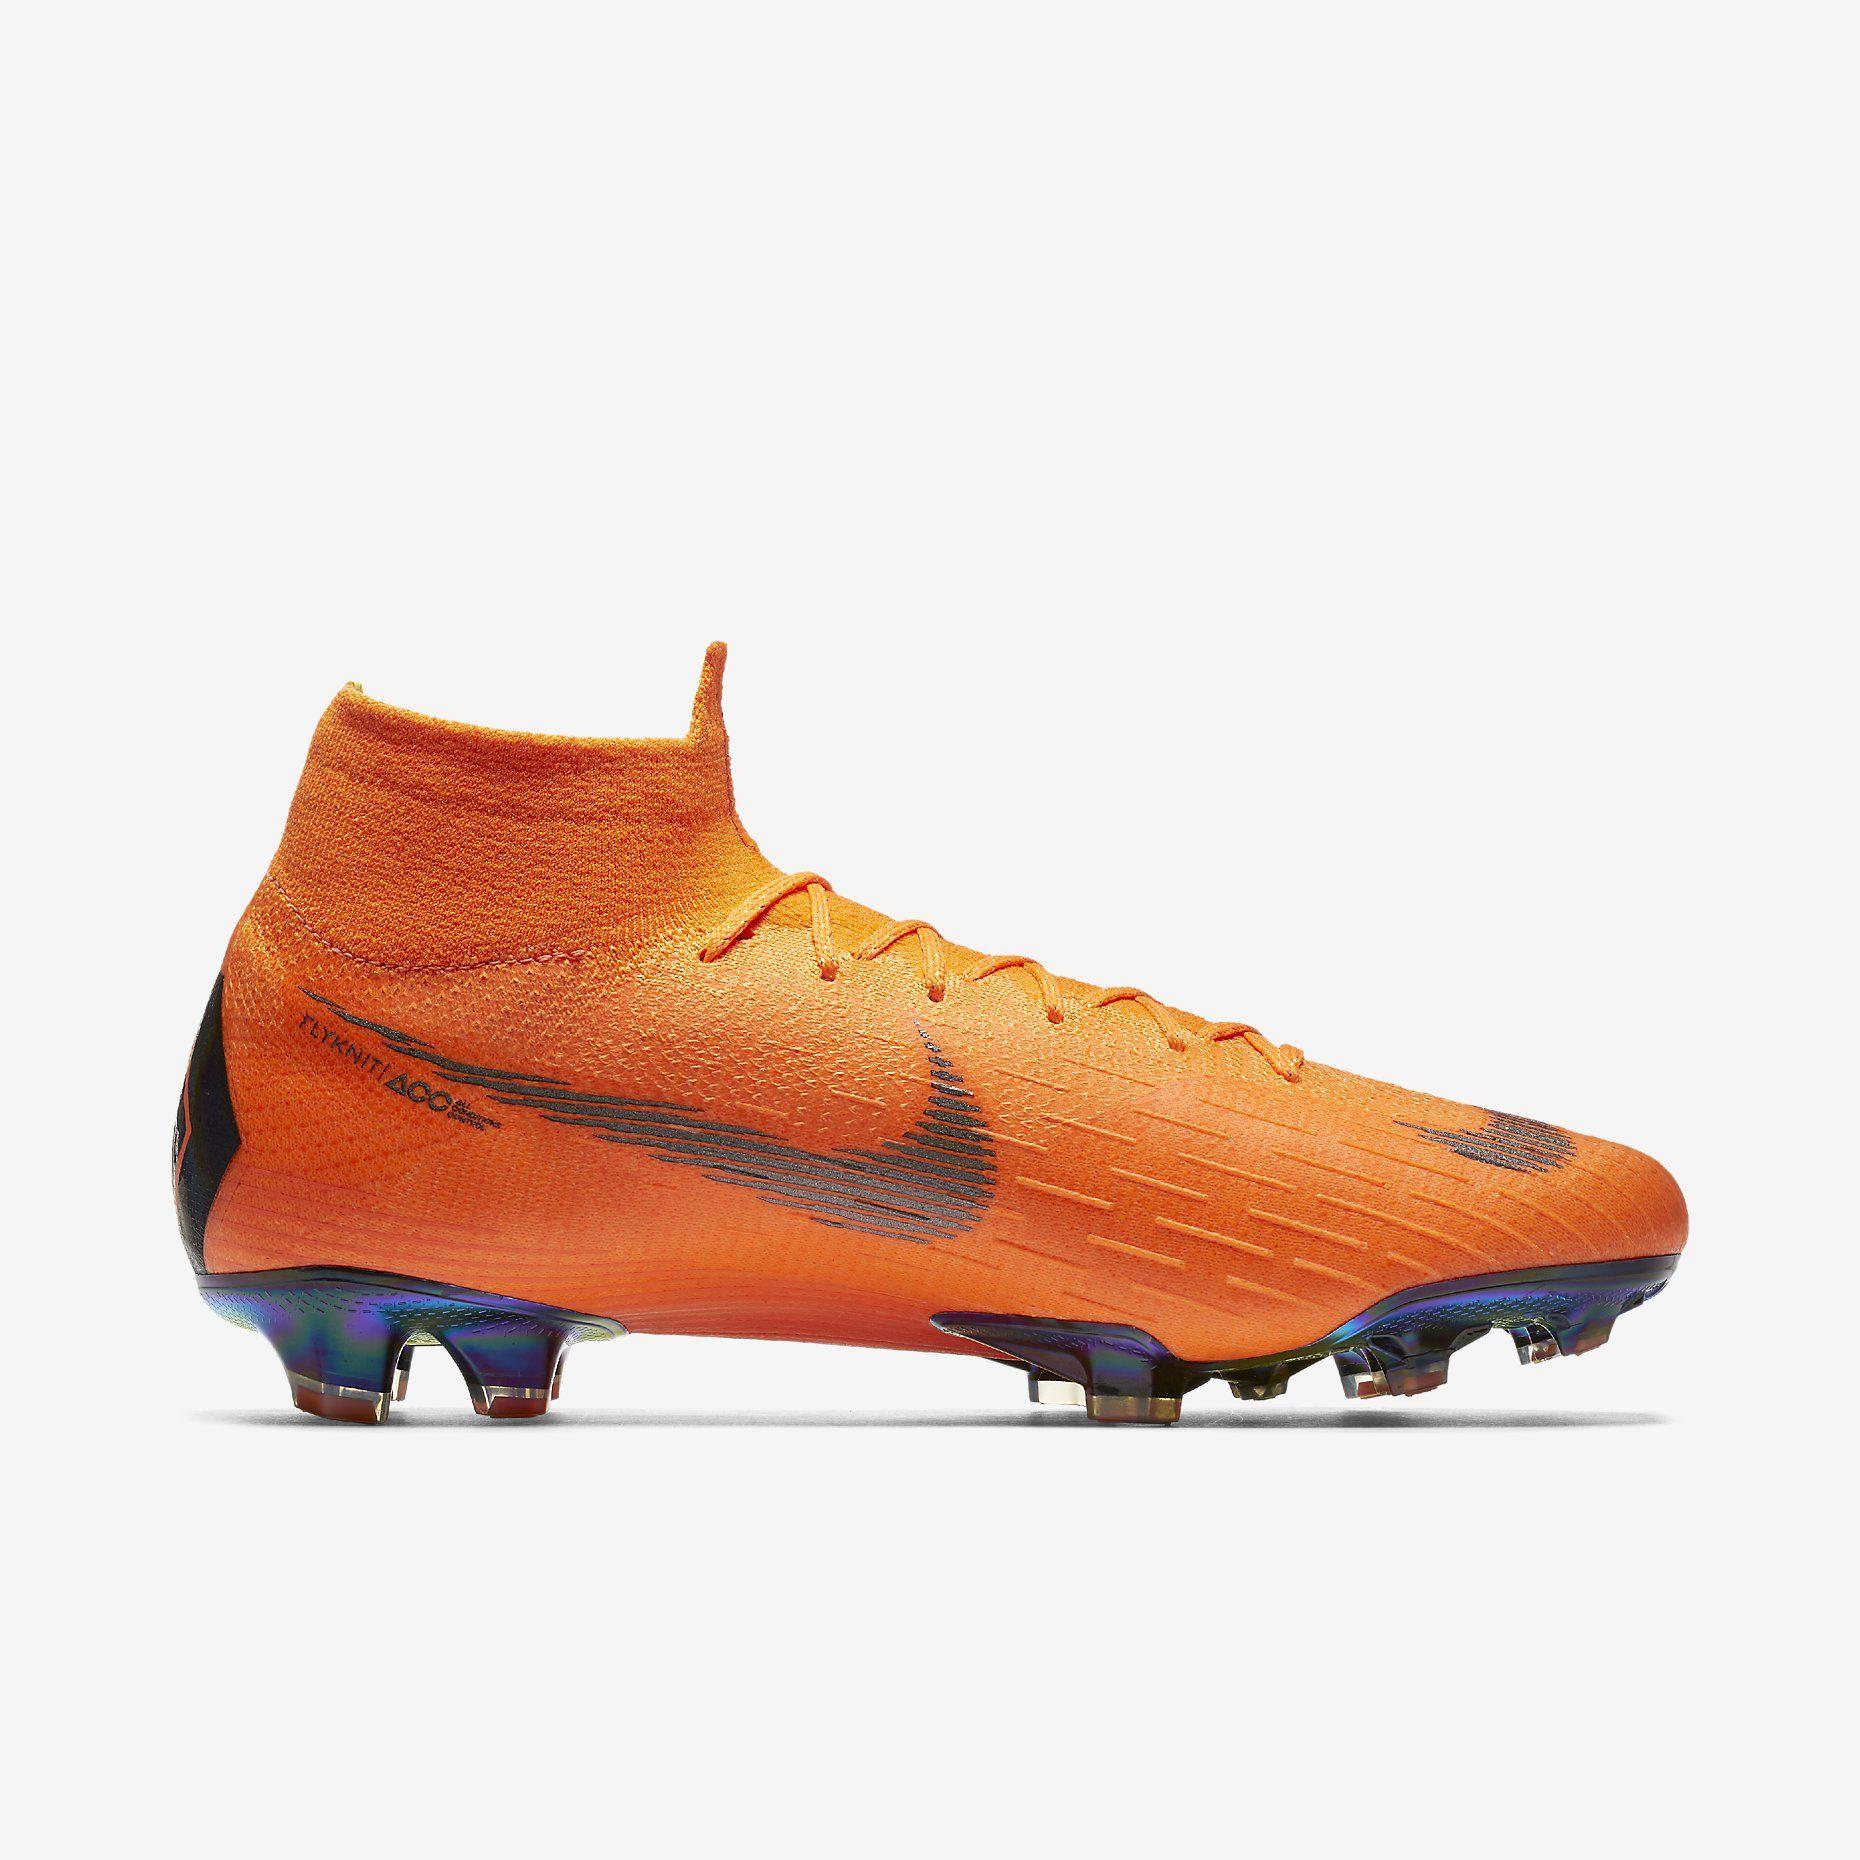 Nike Mercurial Superfly 360 Elite FG Total Orange Total